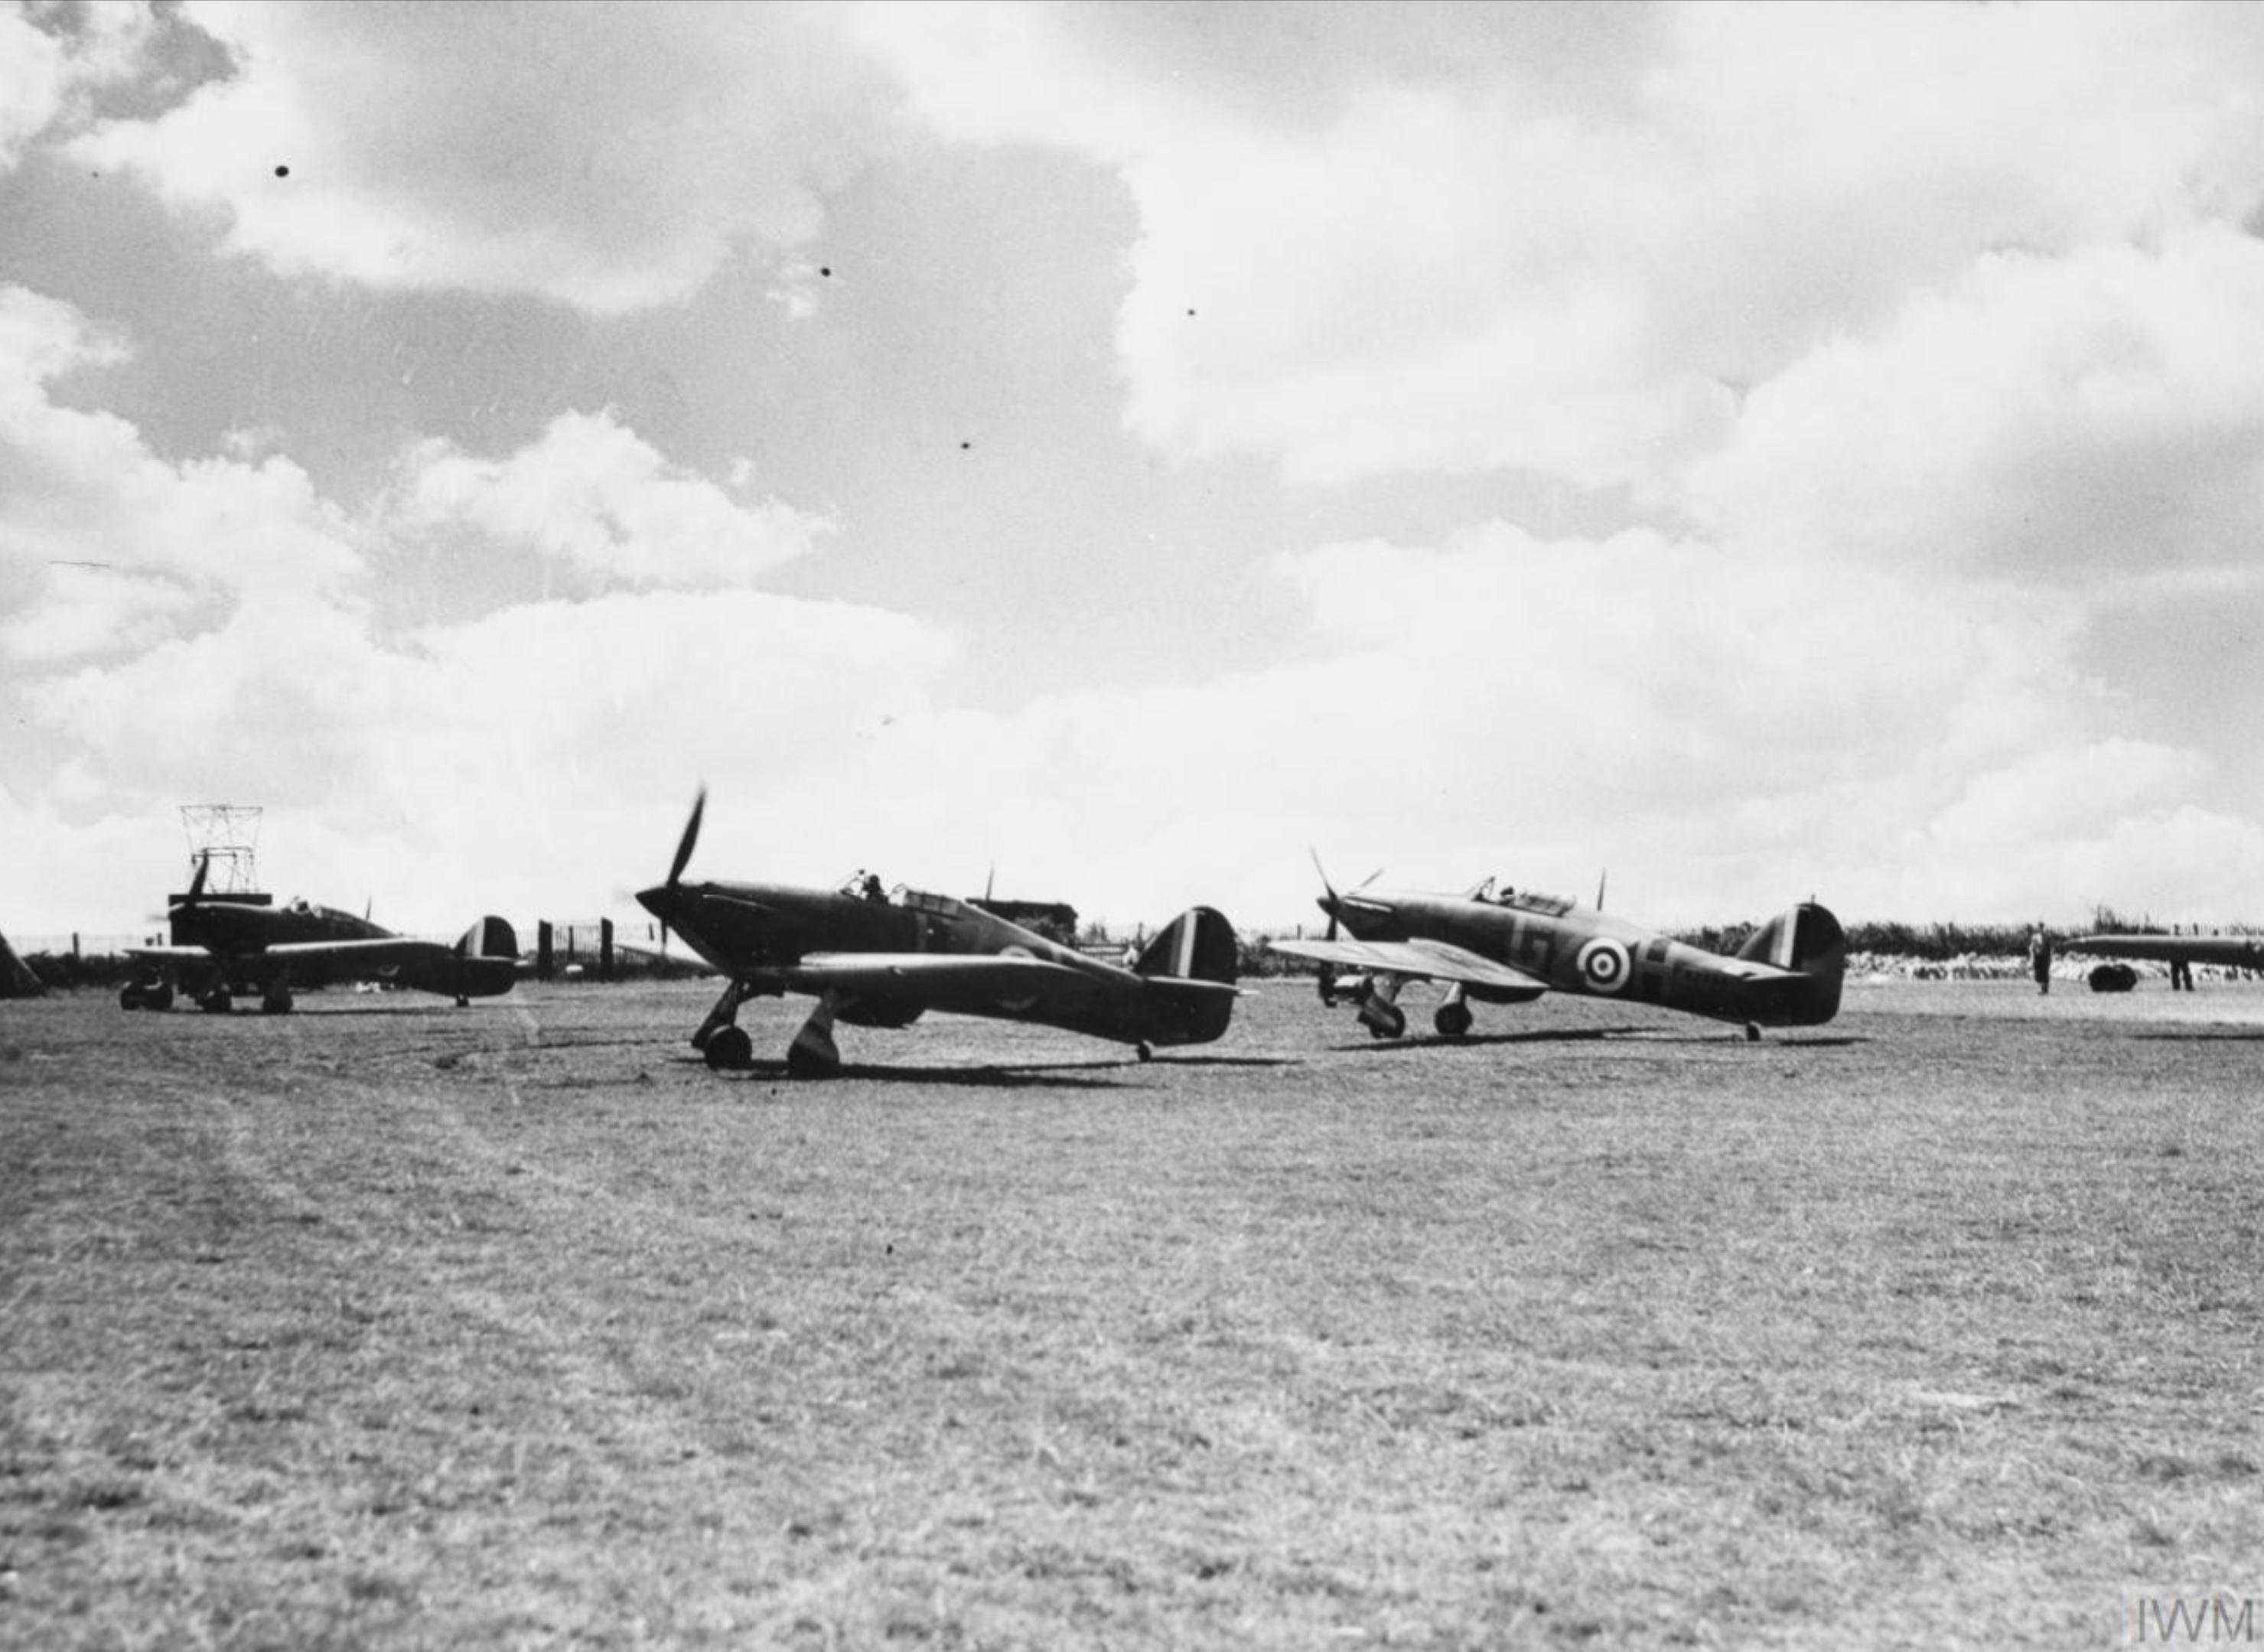 Hurricane I RAF 32Sqn GZ taxing at RAF Hawkinge 29 Jul 1940 IWM HU69116